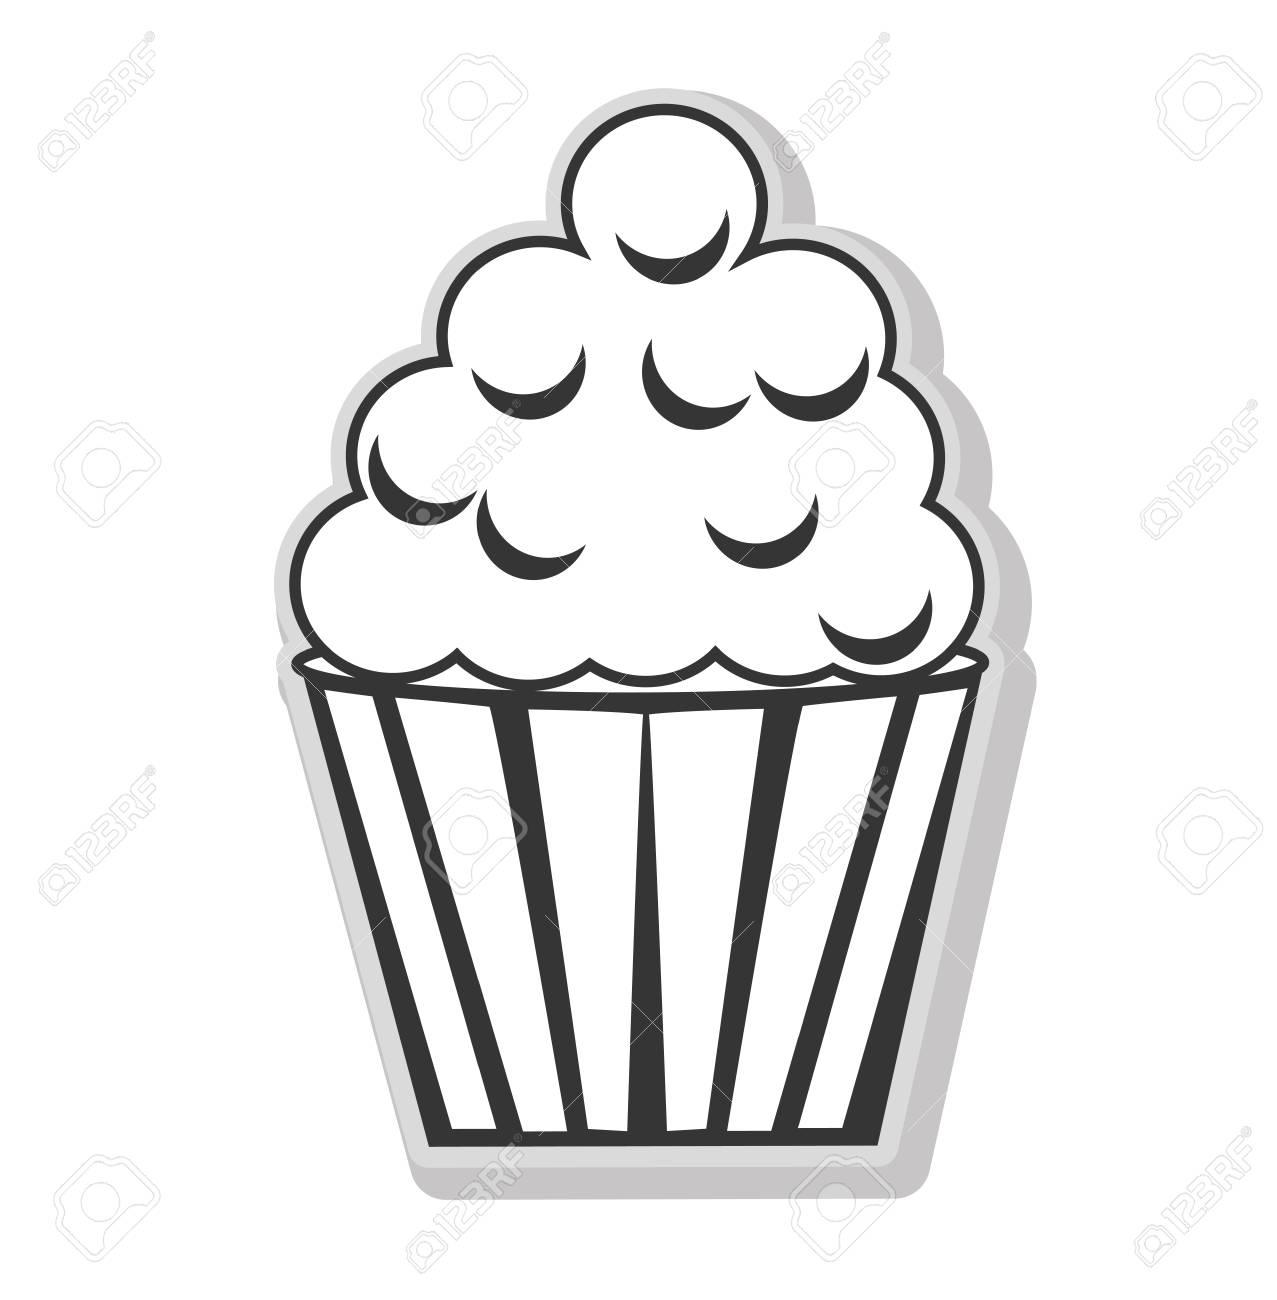 Cupcake Et Desserts En Icône Plate Isolée De Couleurs Noir Et Blanc Illustration Vectorielle